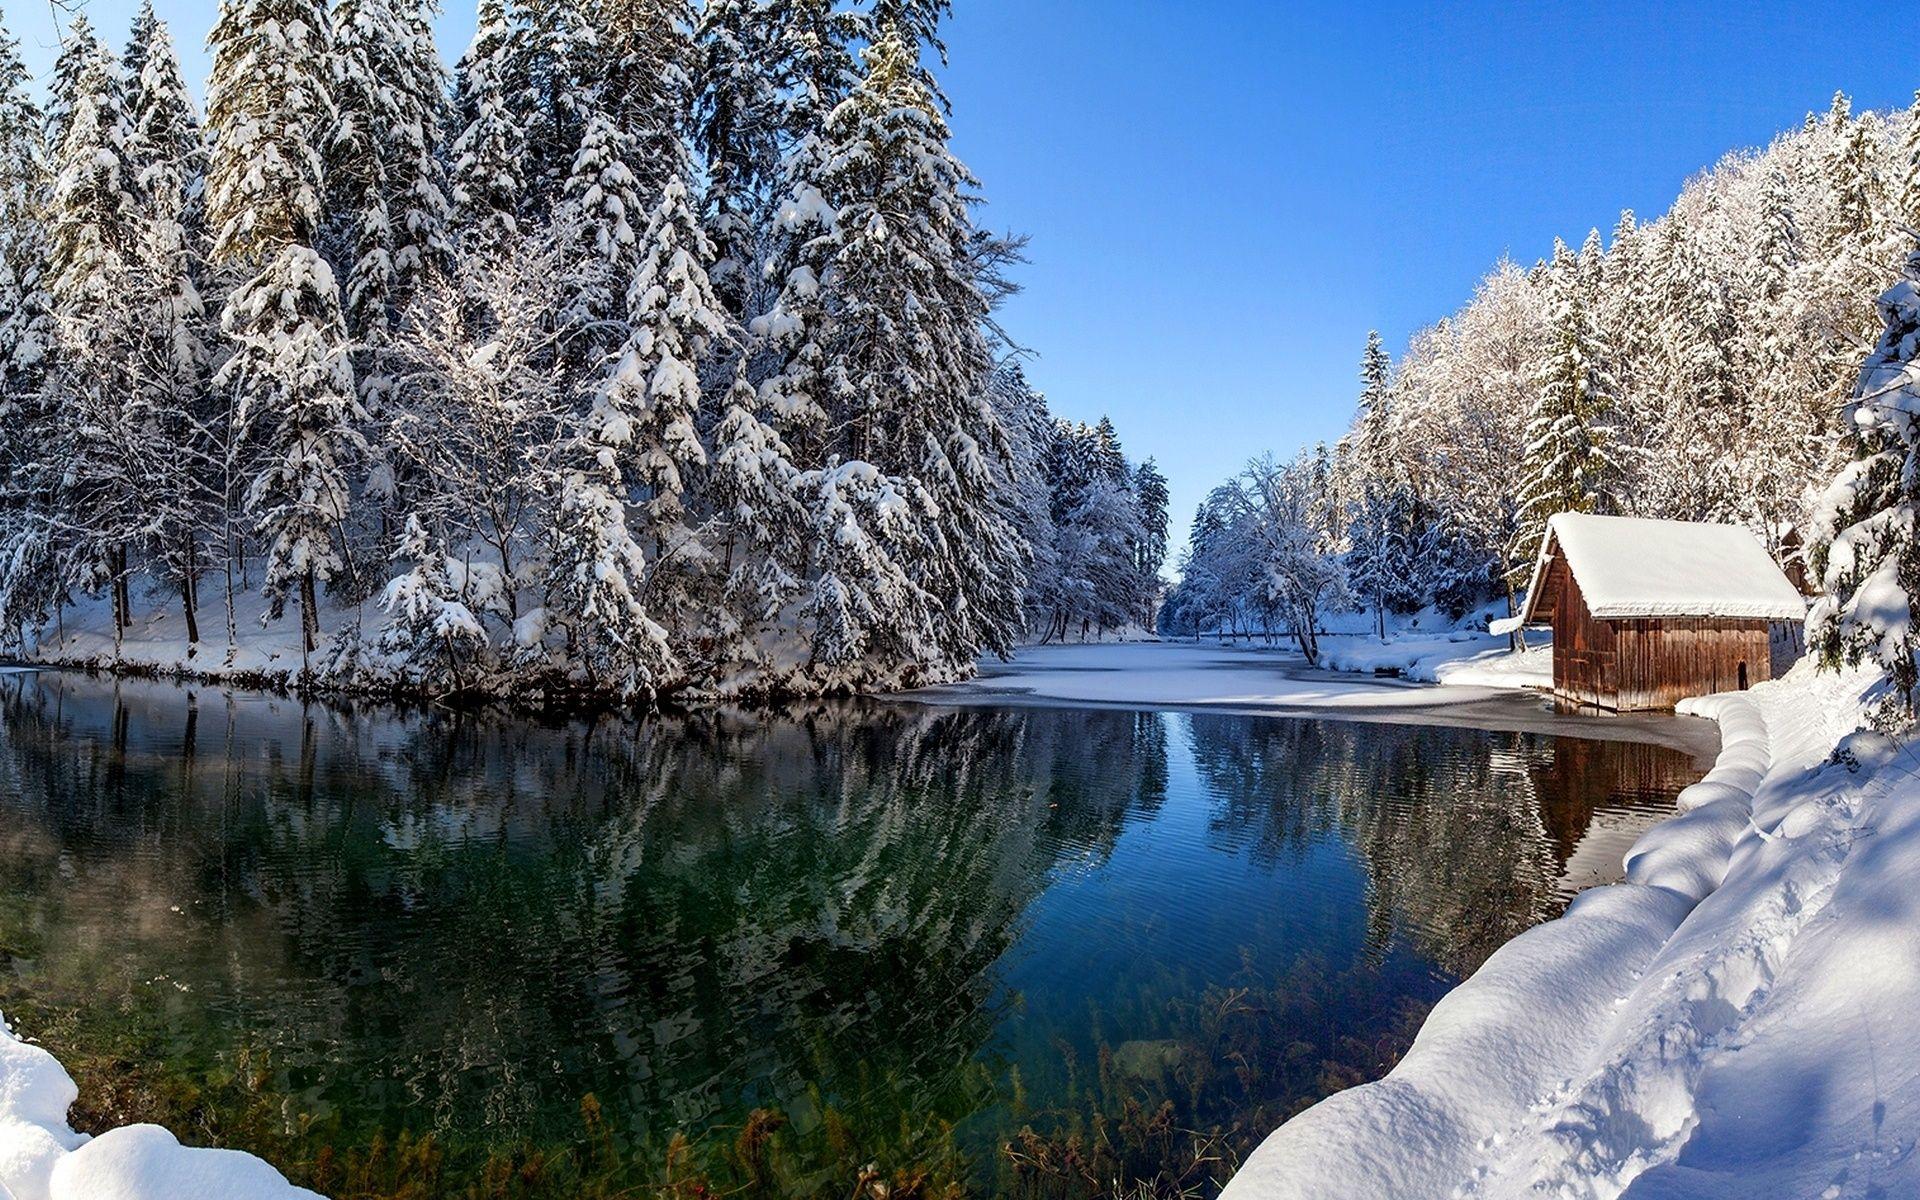 Природа зимой картинки красивые, годовщиной